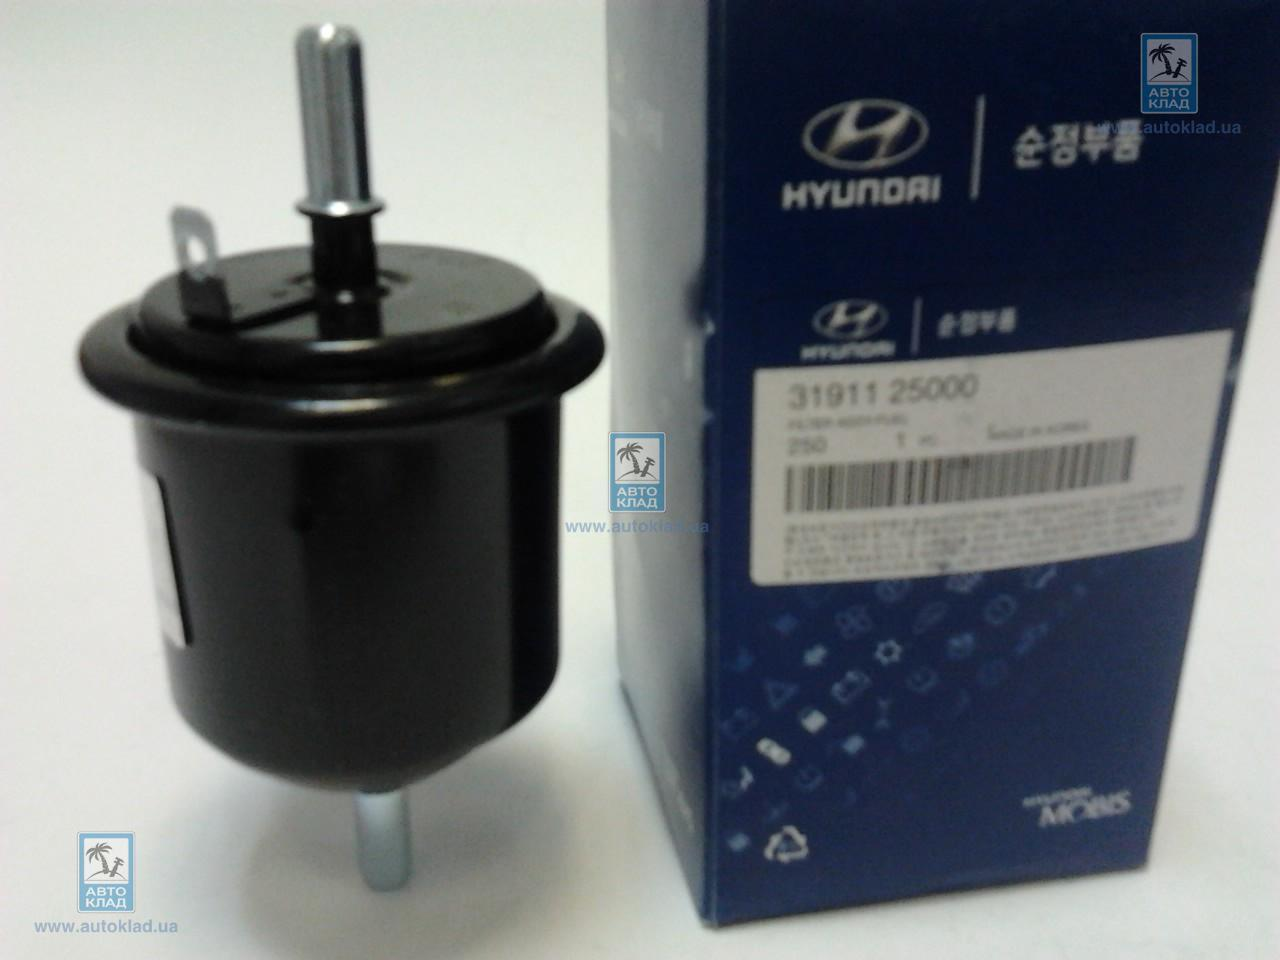 Фильтр топливный HYUNDAI/KIA 31911 25000